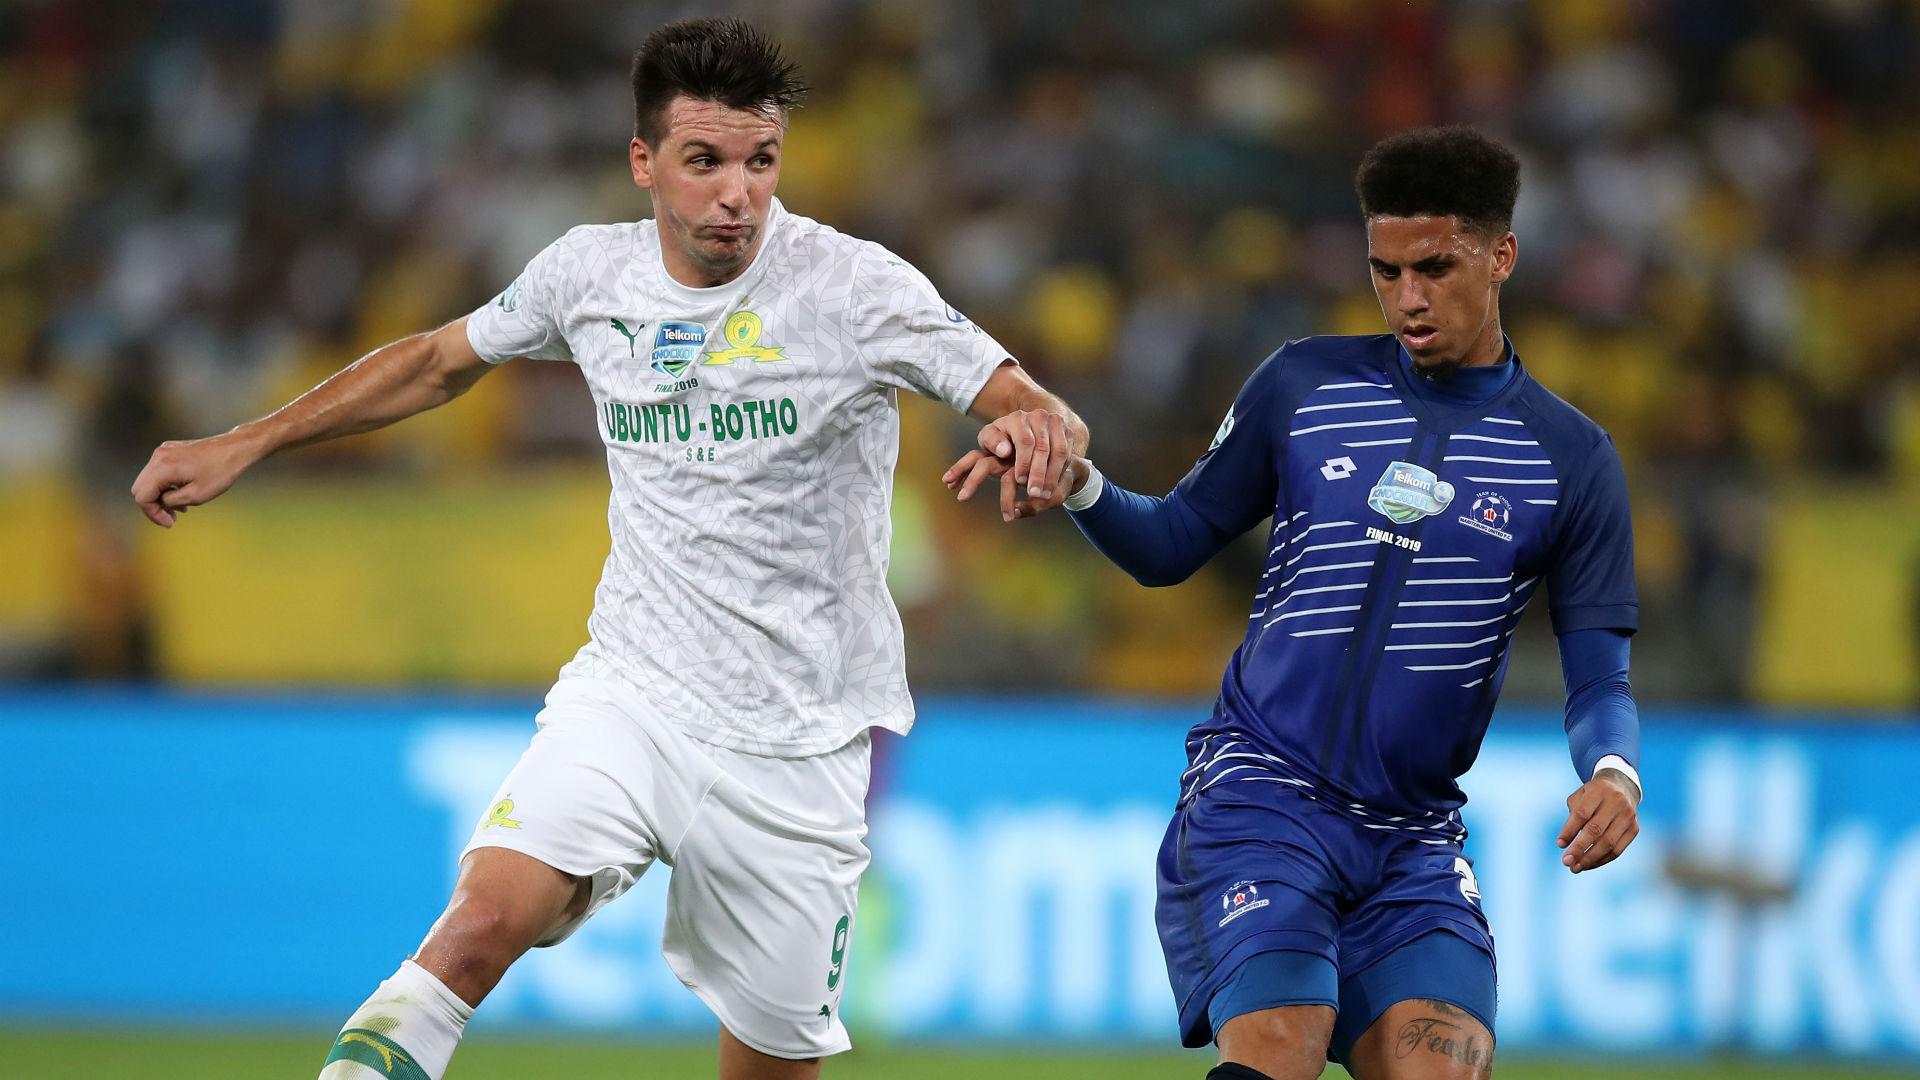 Injured Mamelodi Sundowns forward Affonso back in Uruguay - Ngwevela